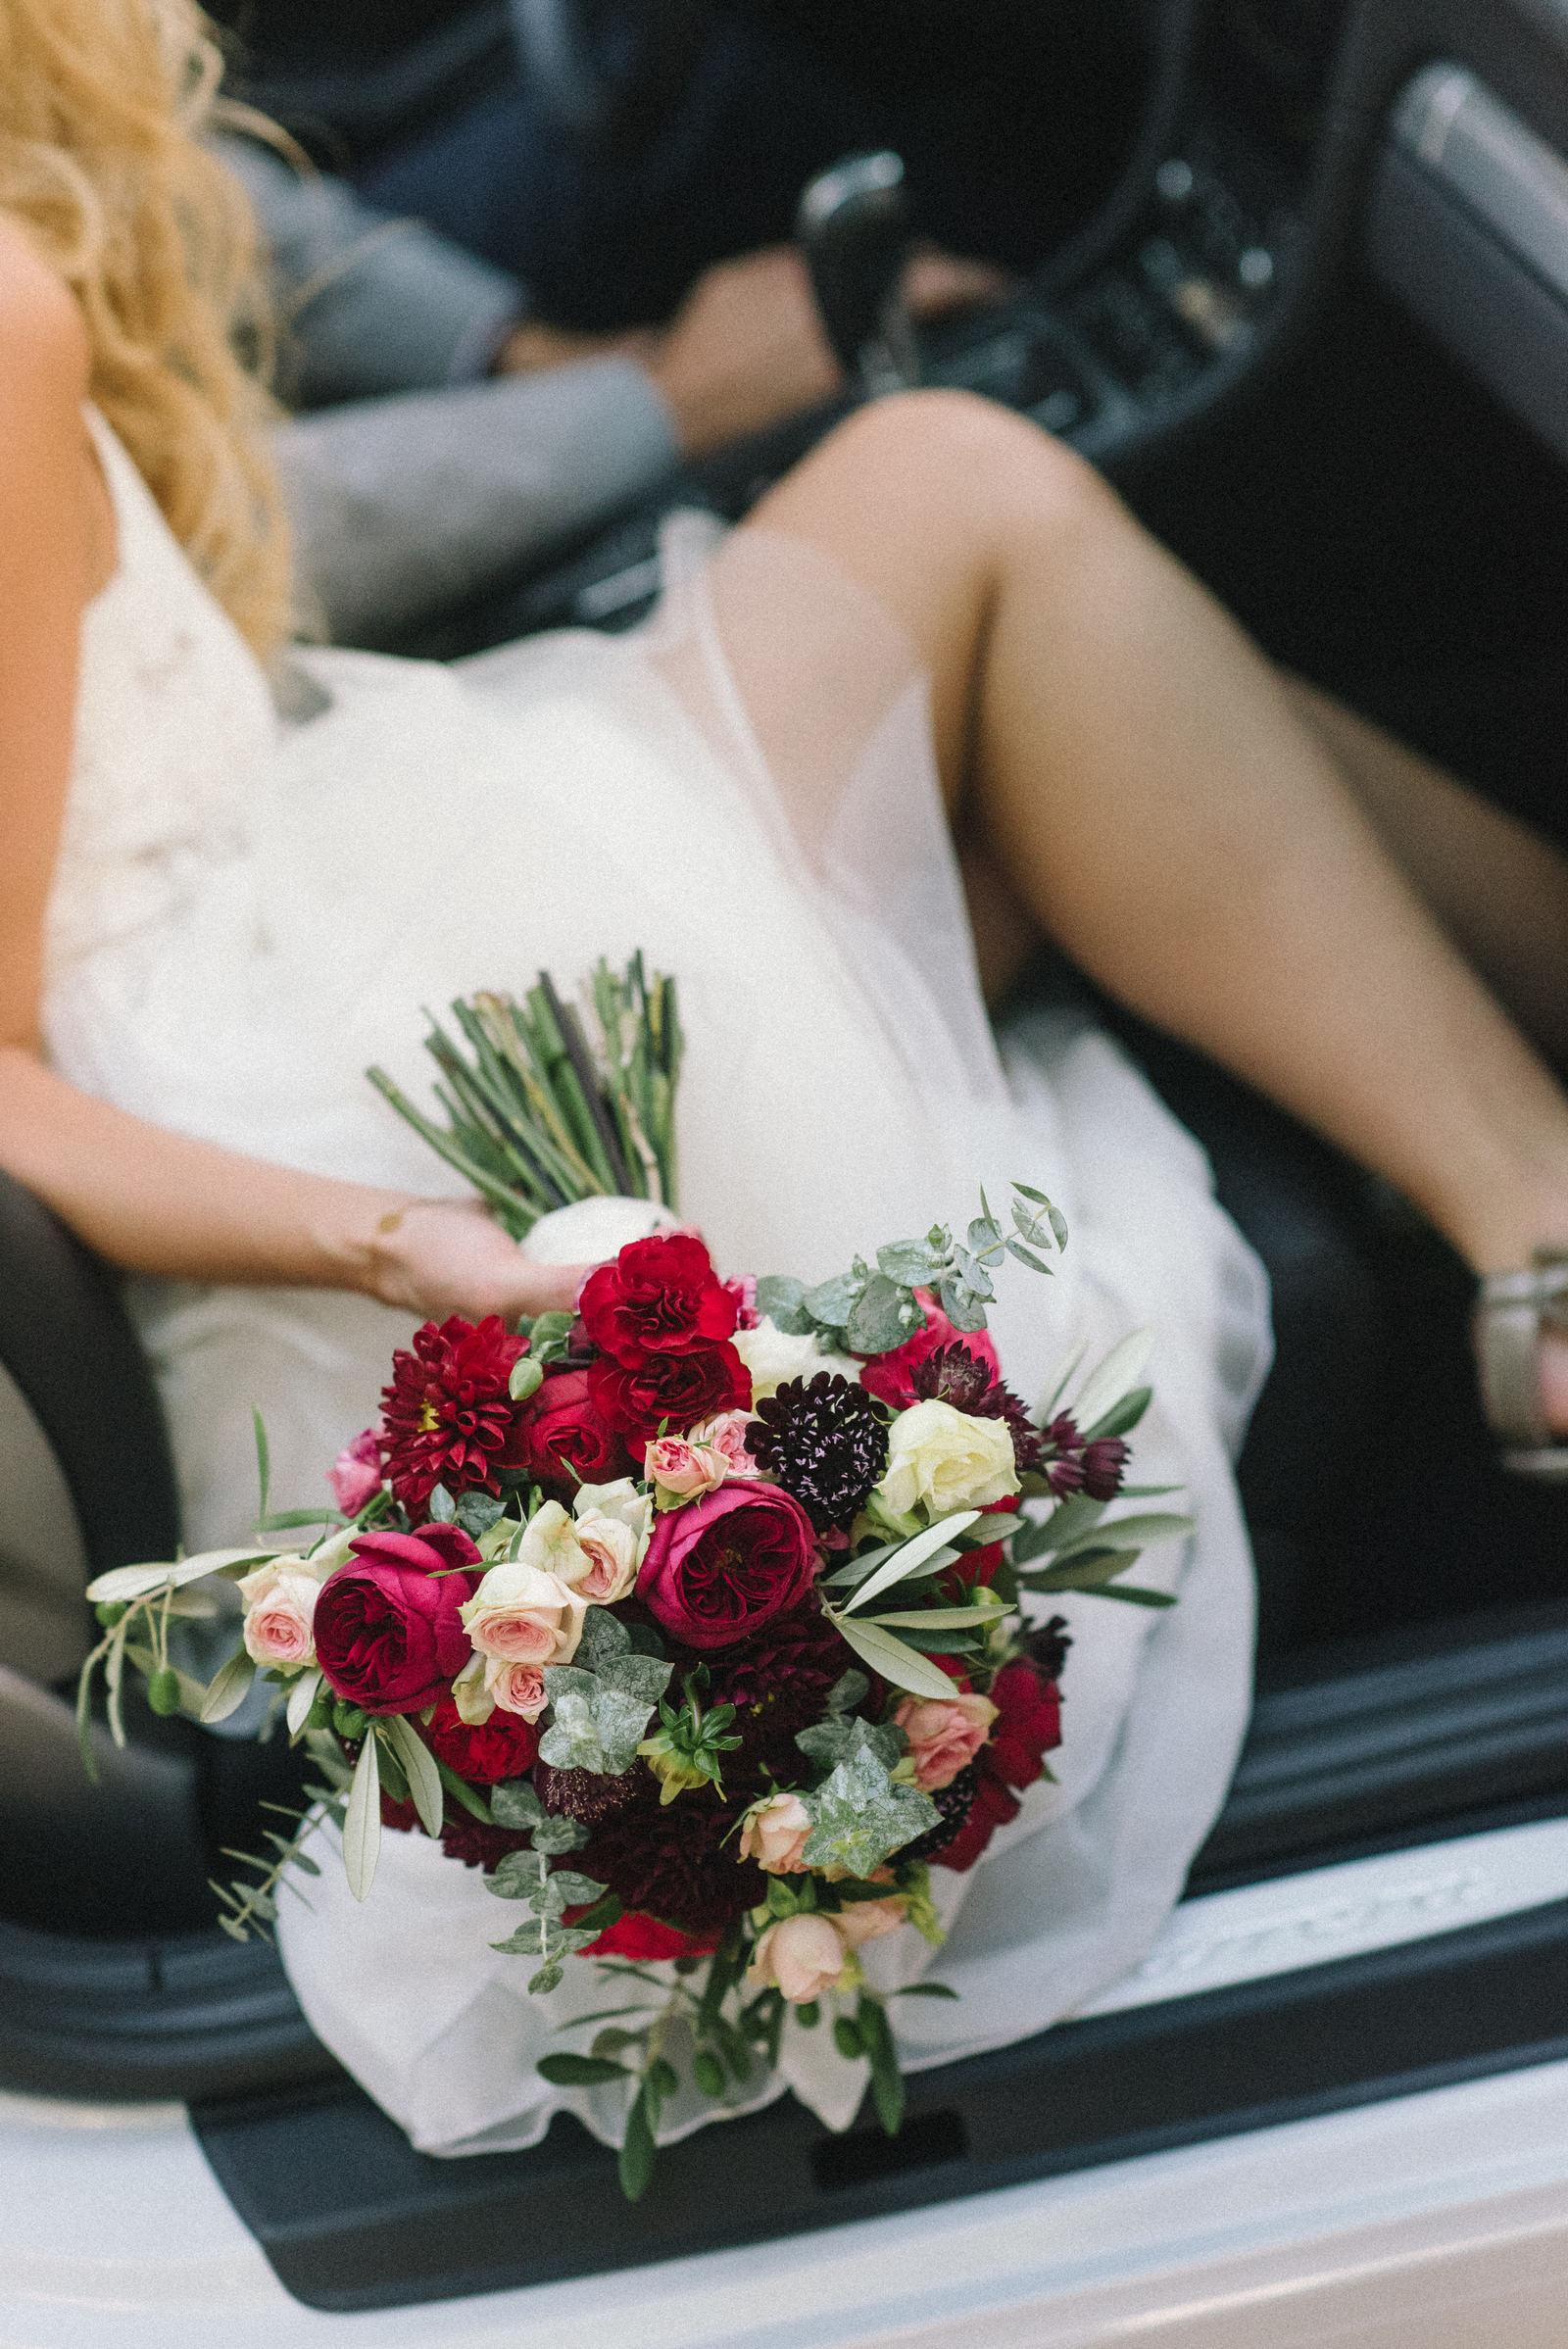 1600x_HochzeitFarbeKorn544